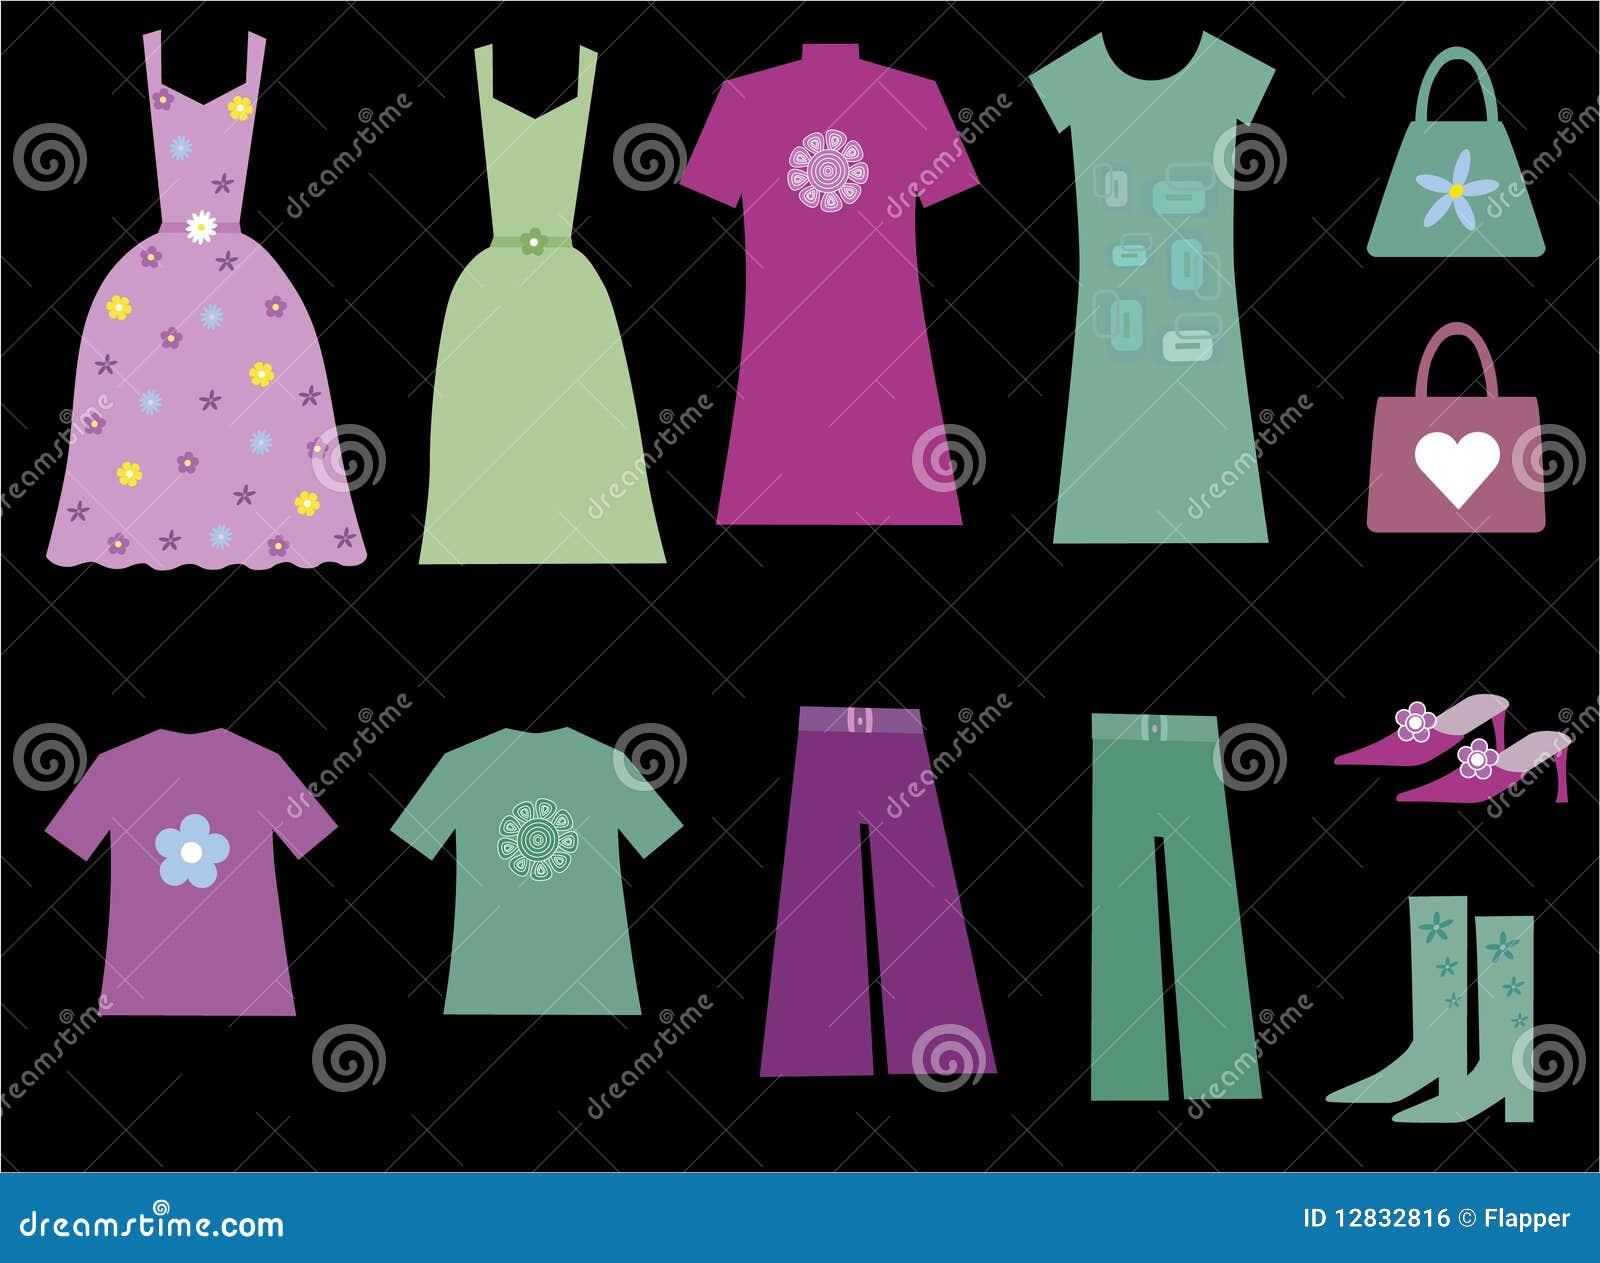 2015 cotton Plus Size Women Clothing Women office Dress Short Sleeve office wear for women free